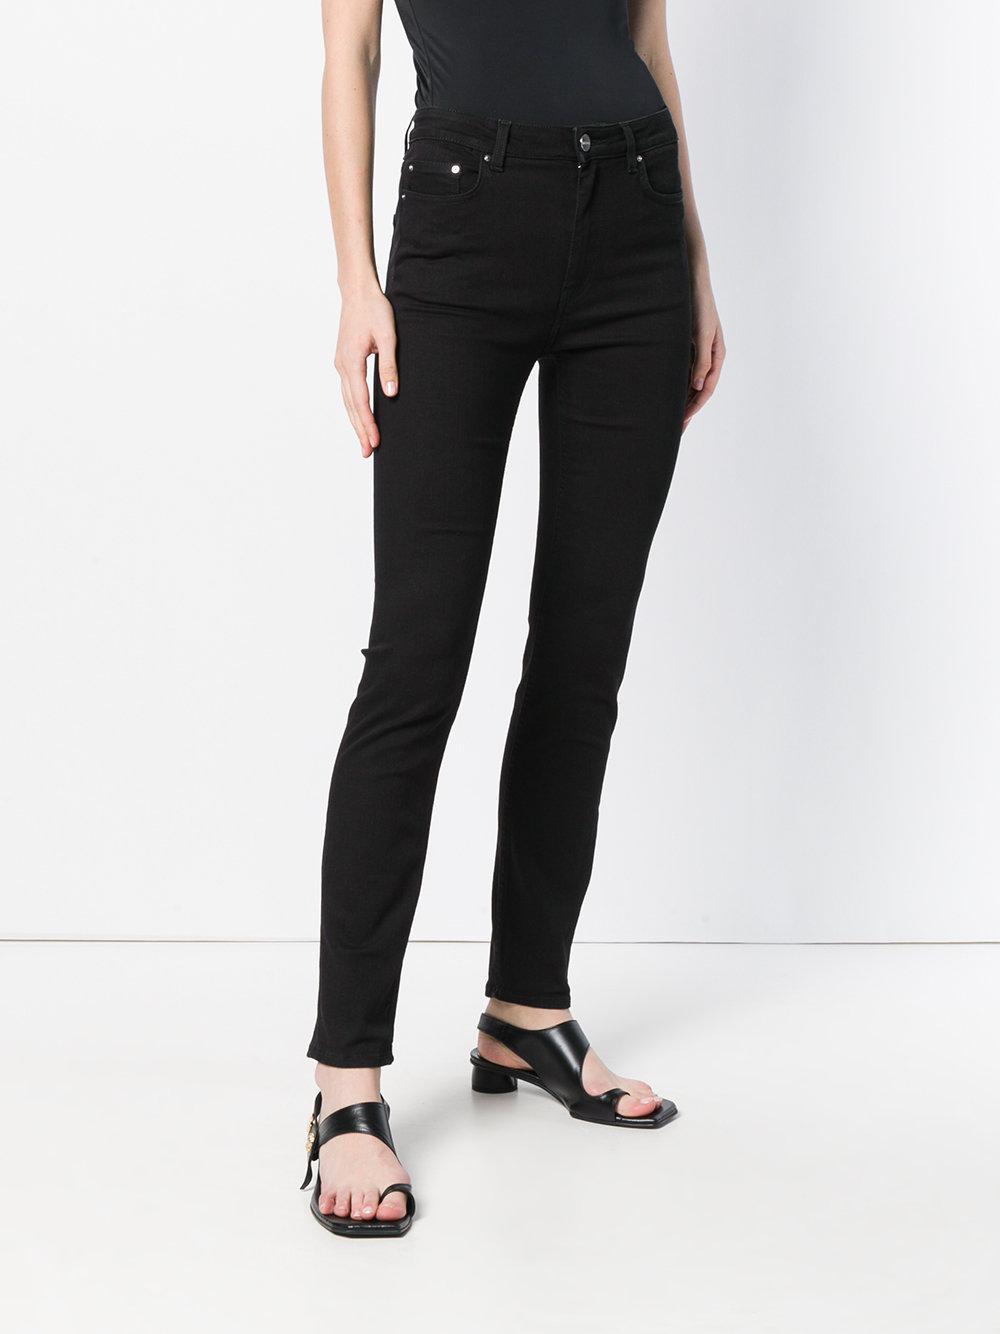 Totême Denim Skinny Jeans in Black